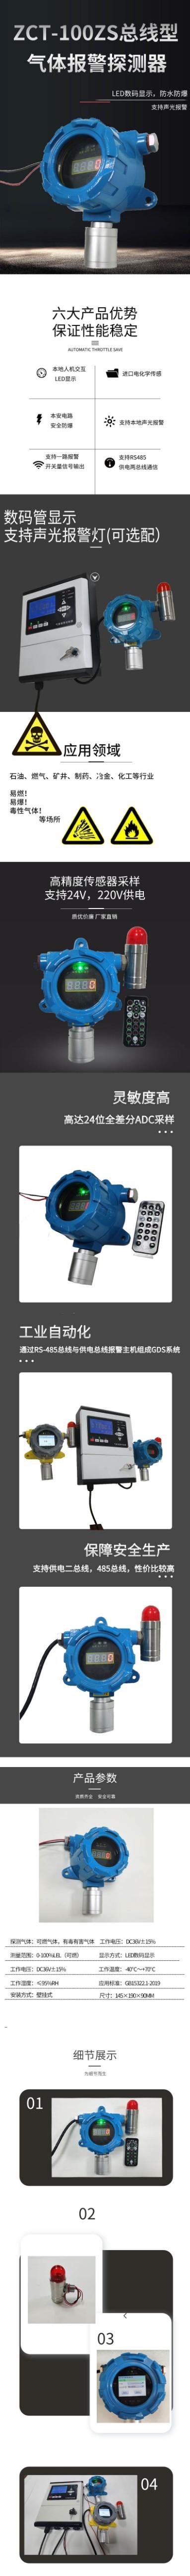 2ZCT-100ZS(蓝).jpg